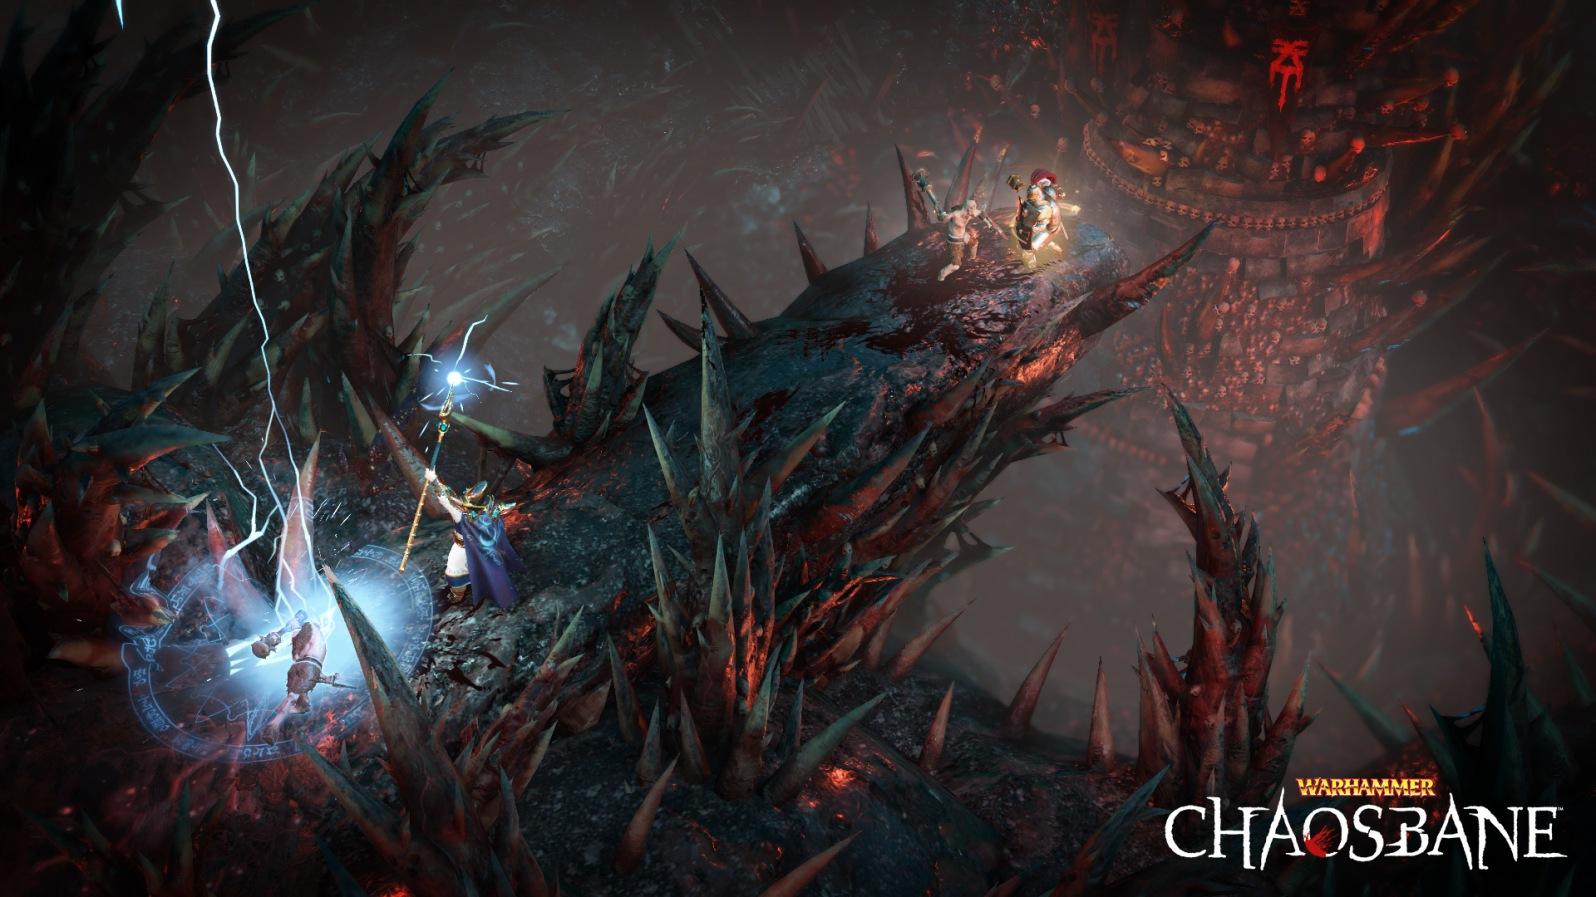 Quelle: warhammer-chaosbane.com - Warhammer Chaosbane